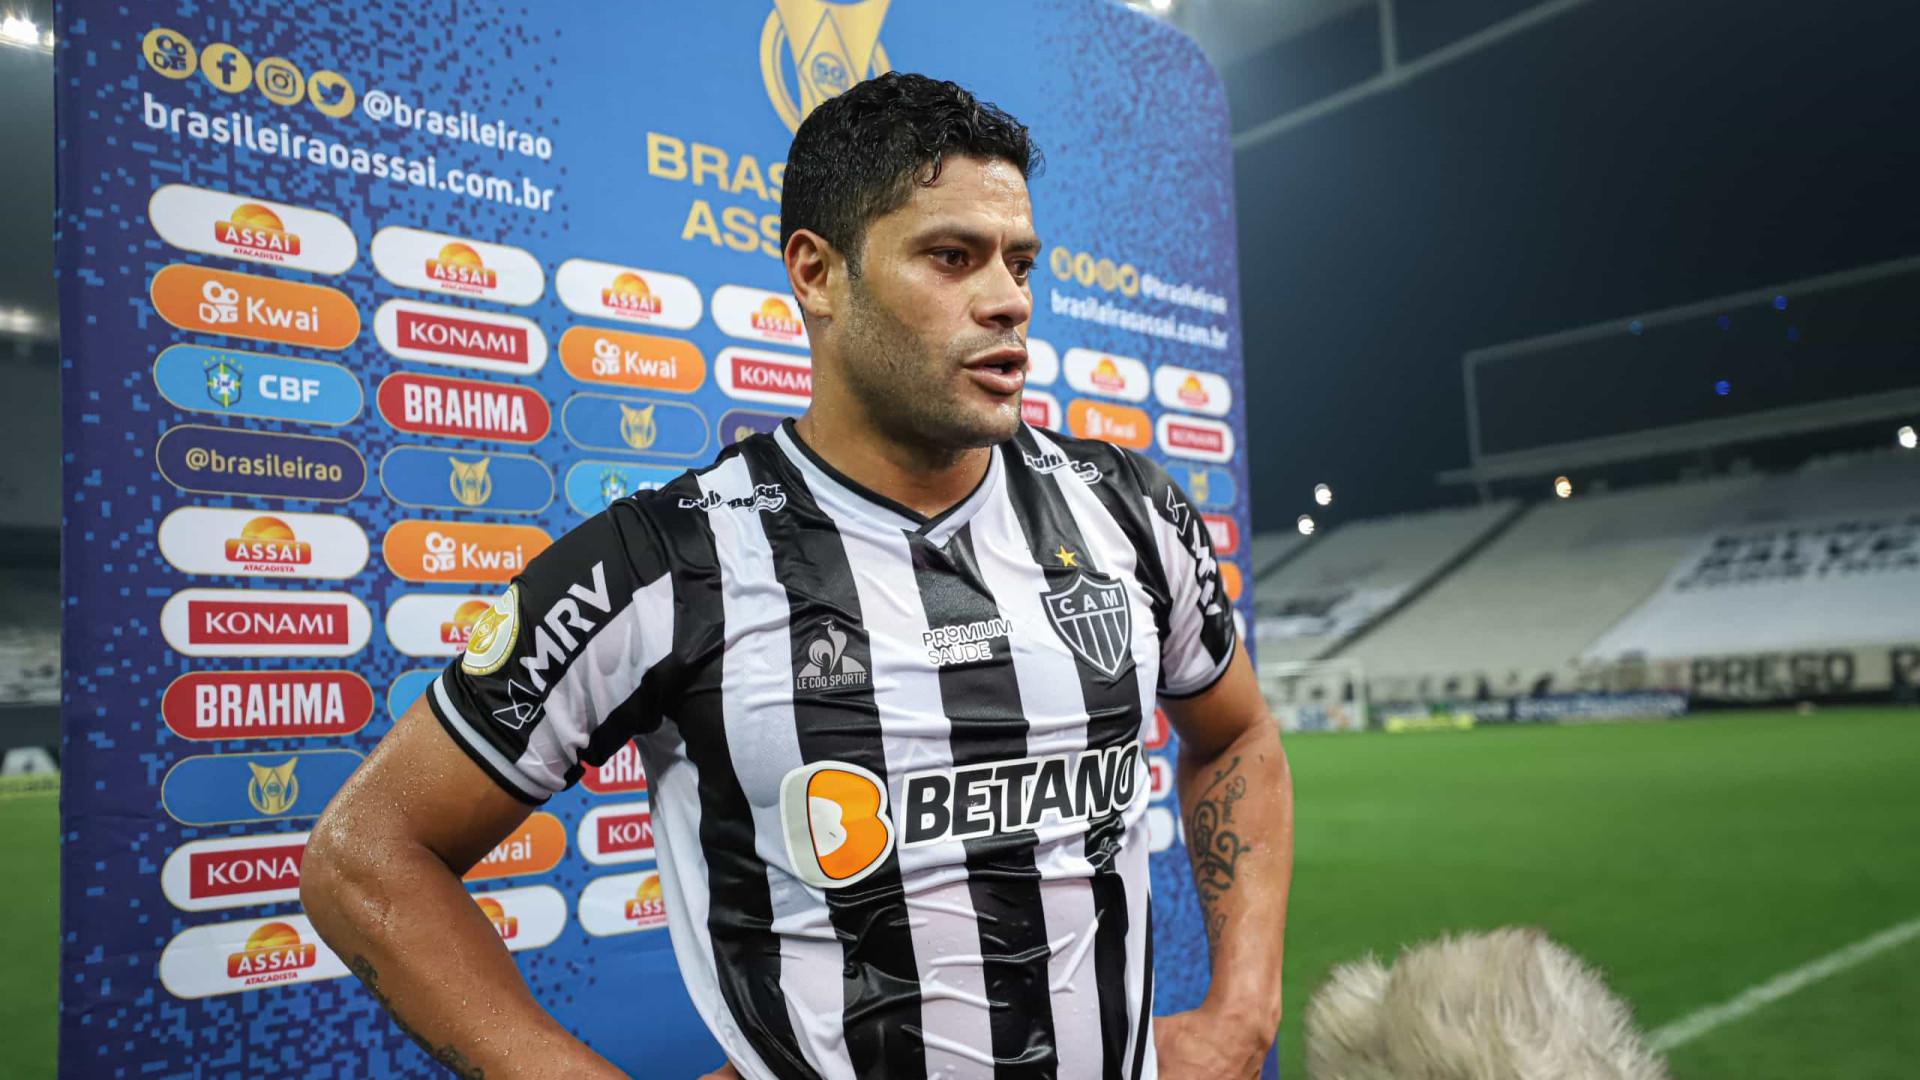 No aniversário de 35 anos, Hulk faz dois em vitória do Atlético-MG sobre o Bahia